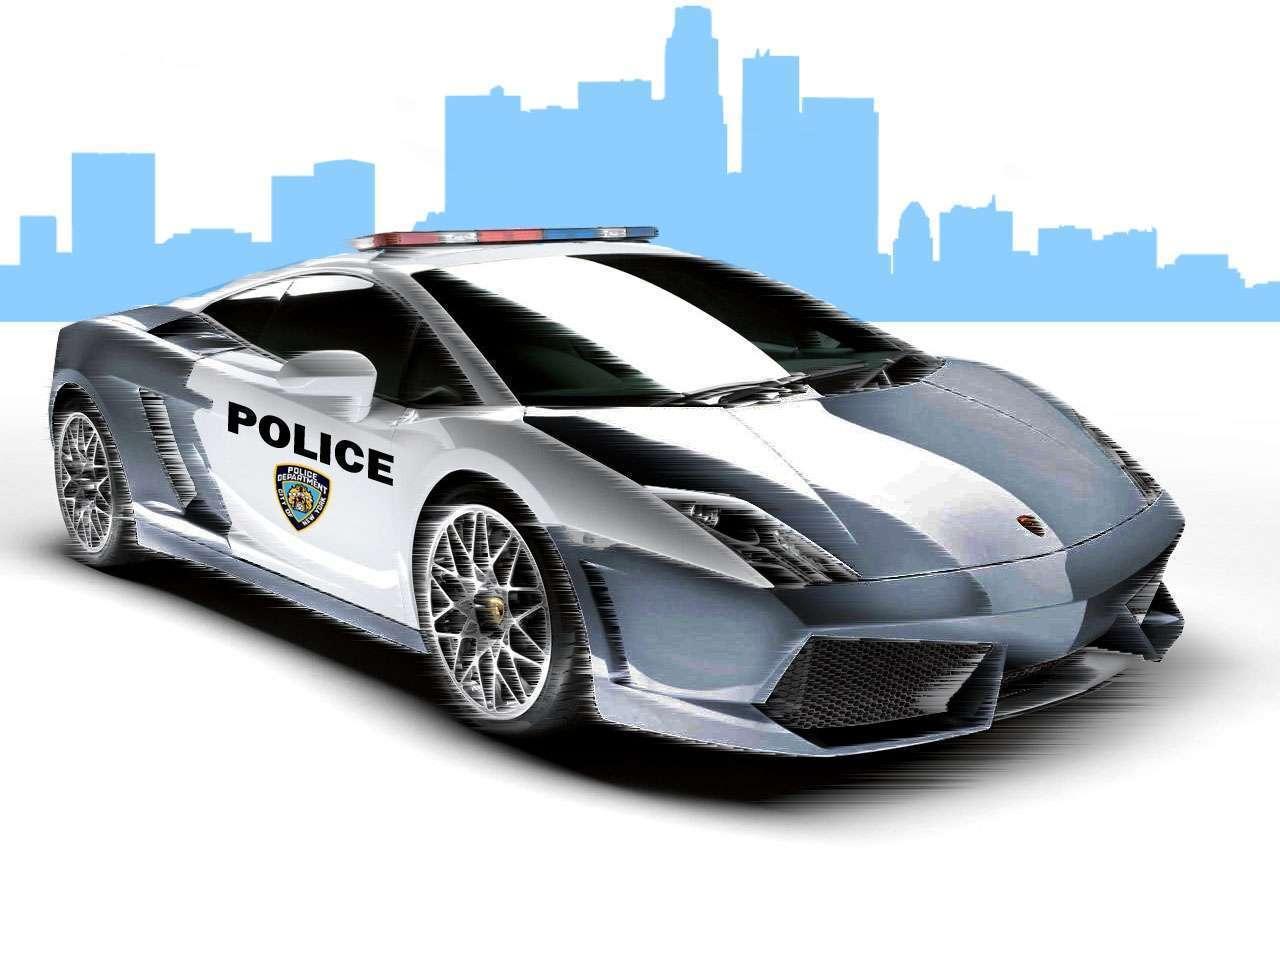 Lamborghini Police Wallpaper Wallpapers Hd Car Wallpapers 1280x960